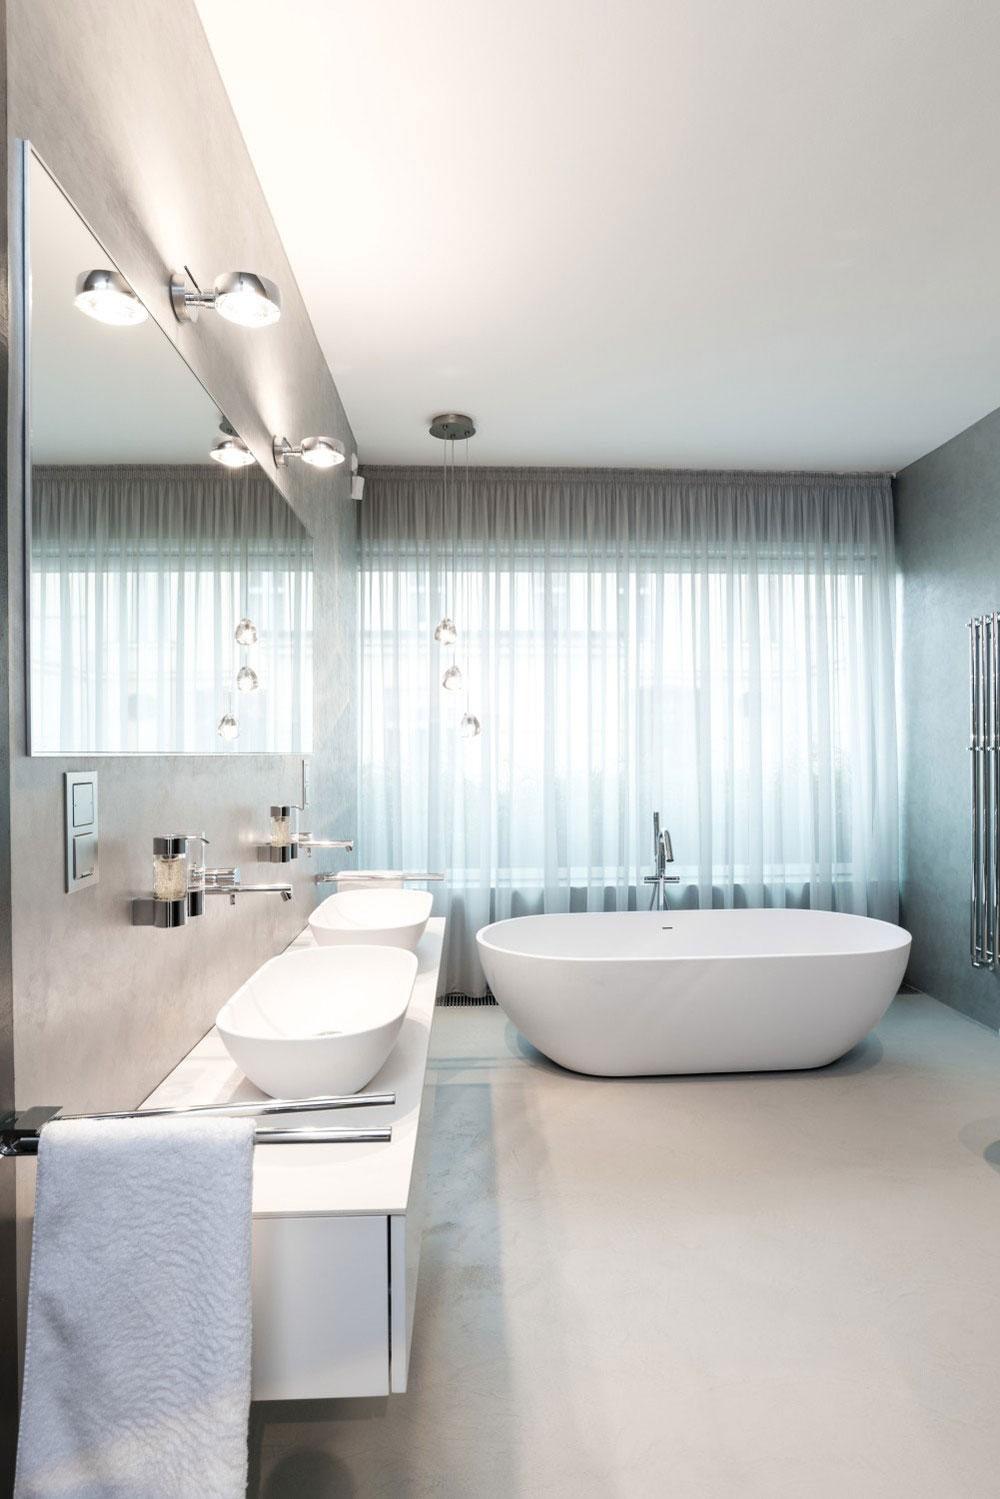 Latest Bathroom Interior Design Examples